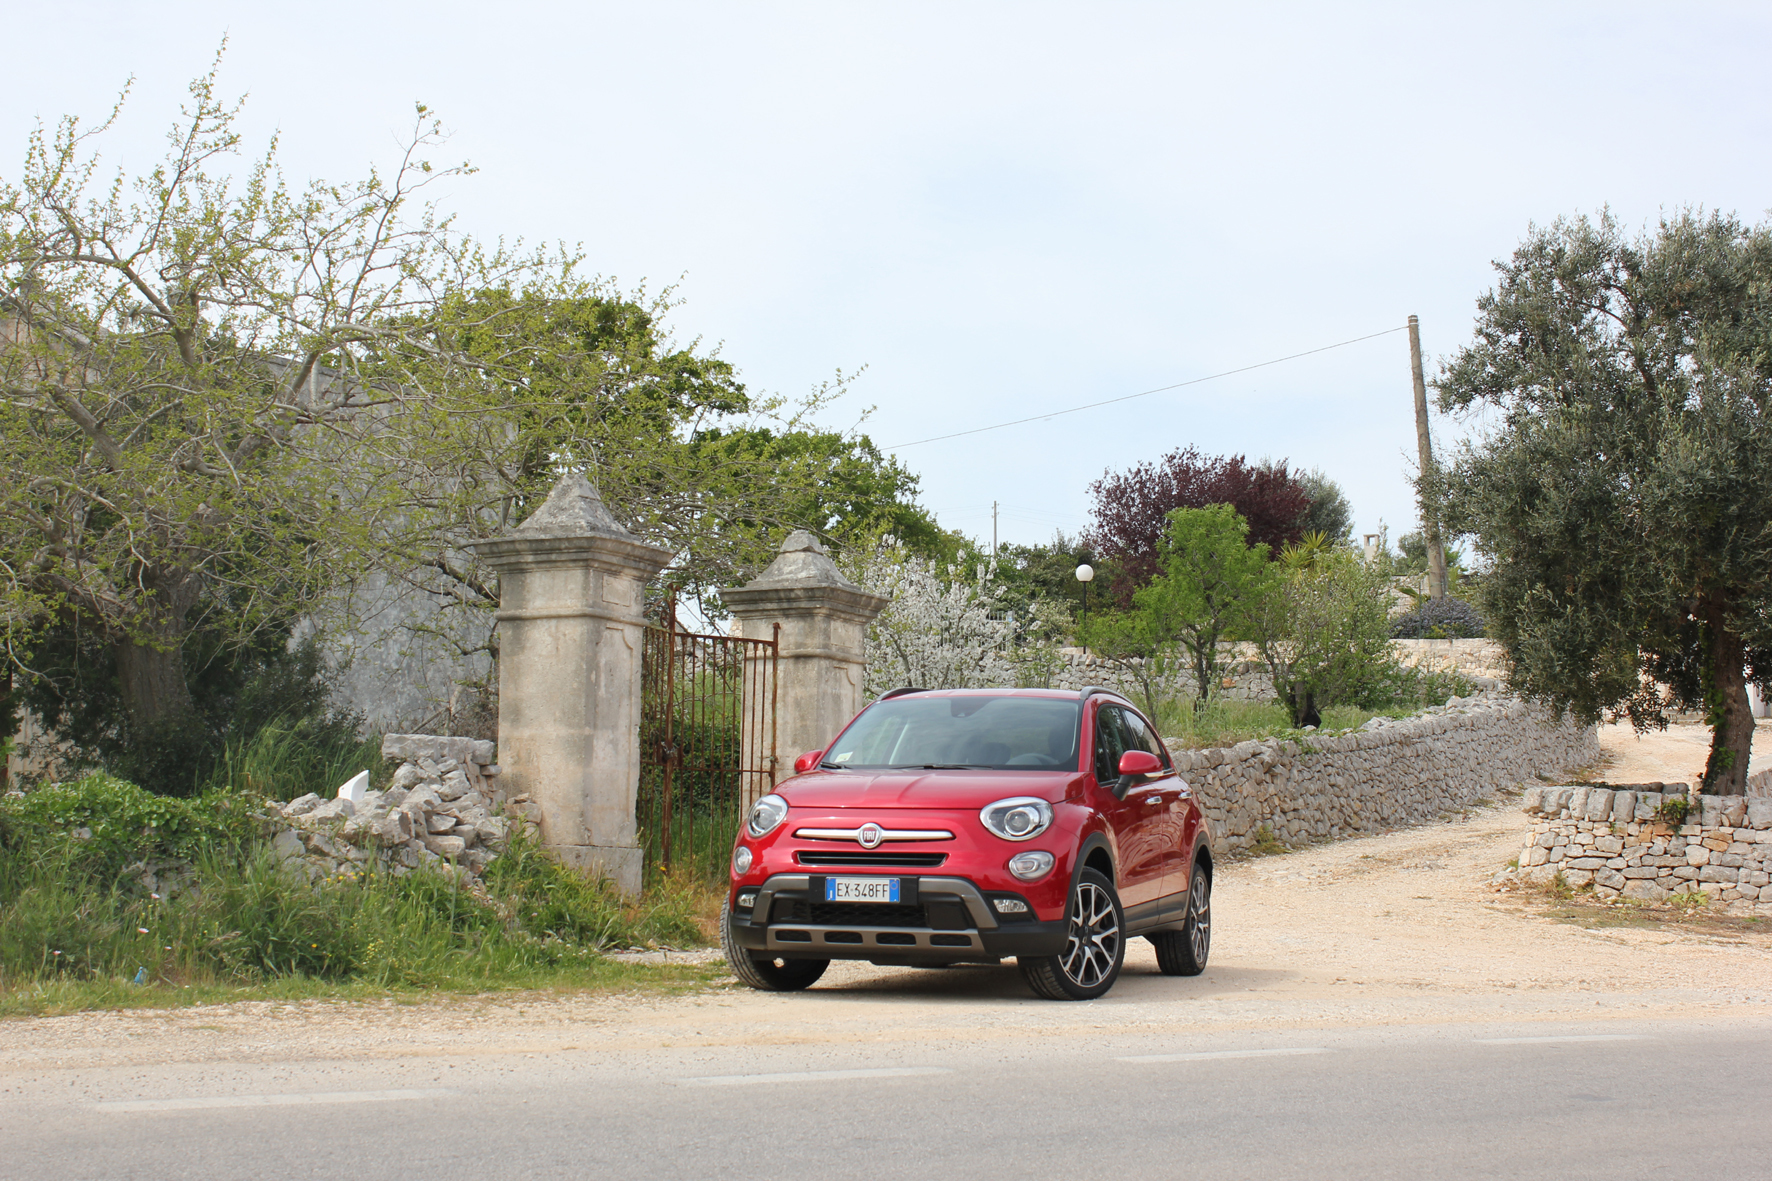 mid Düsseldorf - Mit dem kleinen SUV auf große Urlaubsfahrt? Warum nicht, Platz und Komfort bietet der Fiat 500X jedenfalls genug.